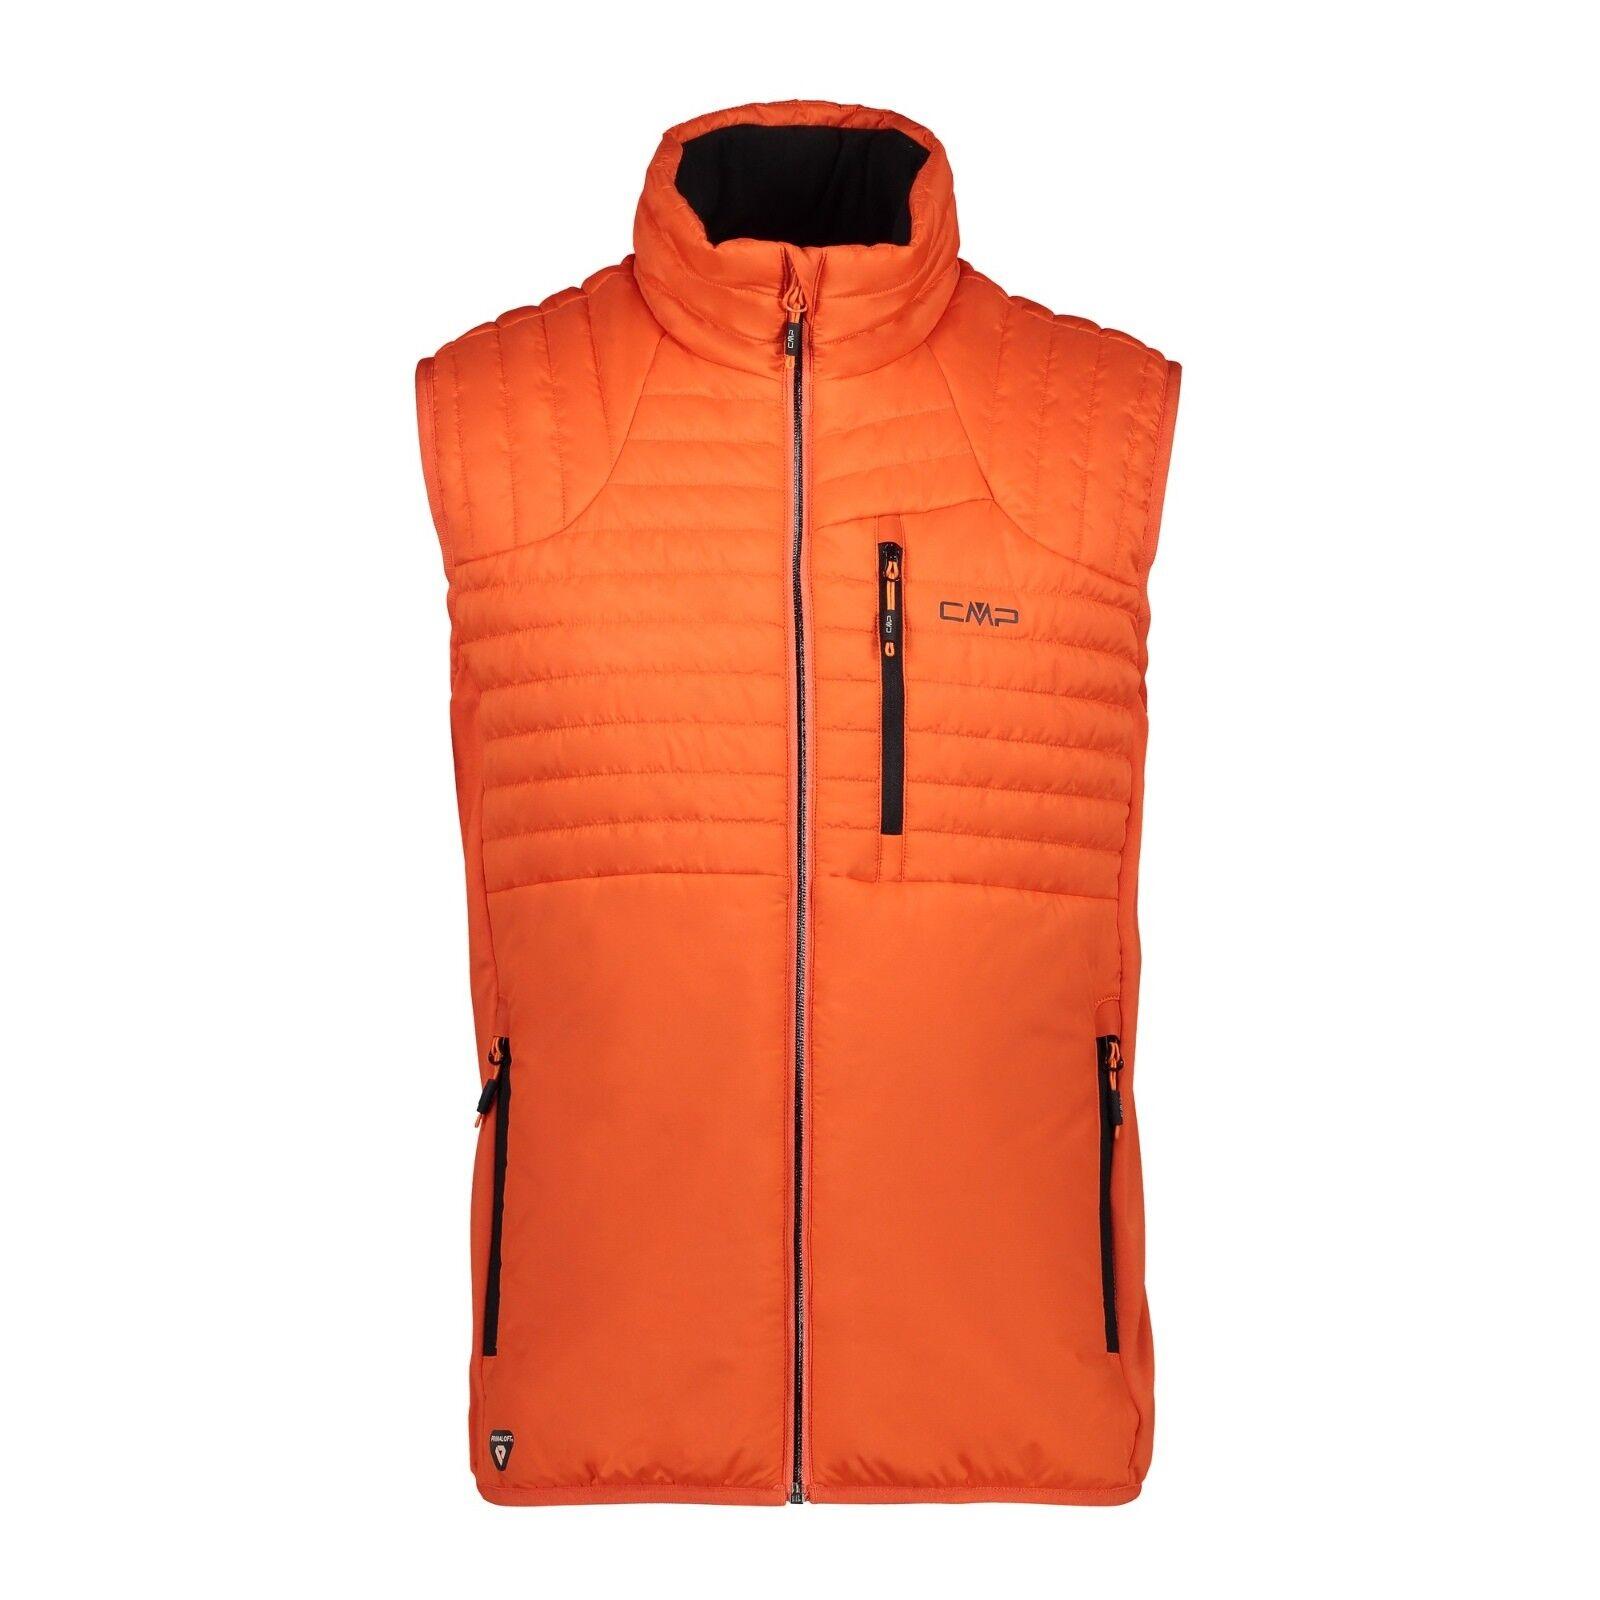 CMP Herren Weste 38Z0947 Man Vest Steppweste Primaloft Orange 48-56 Midlayer